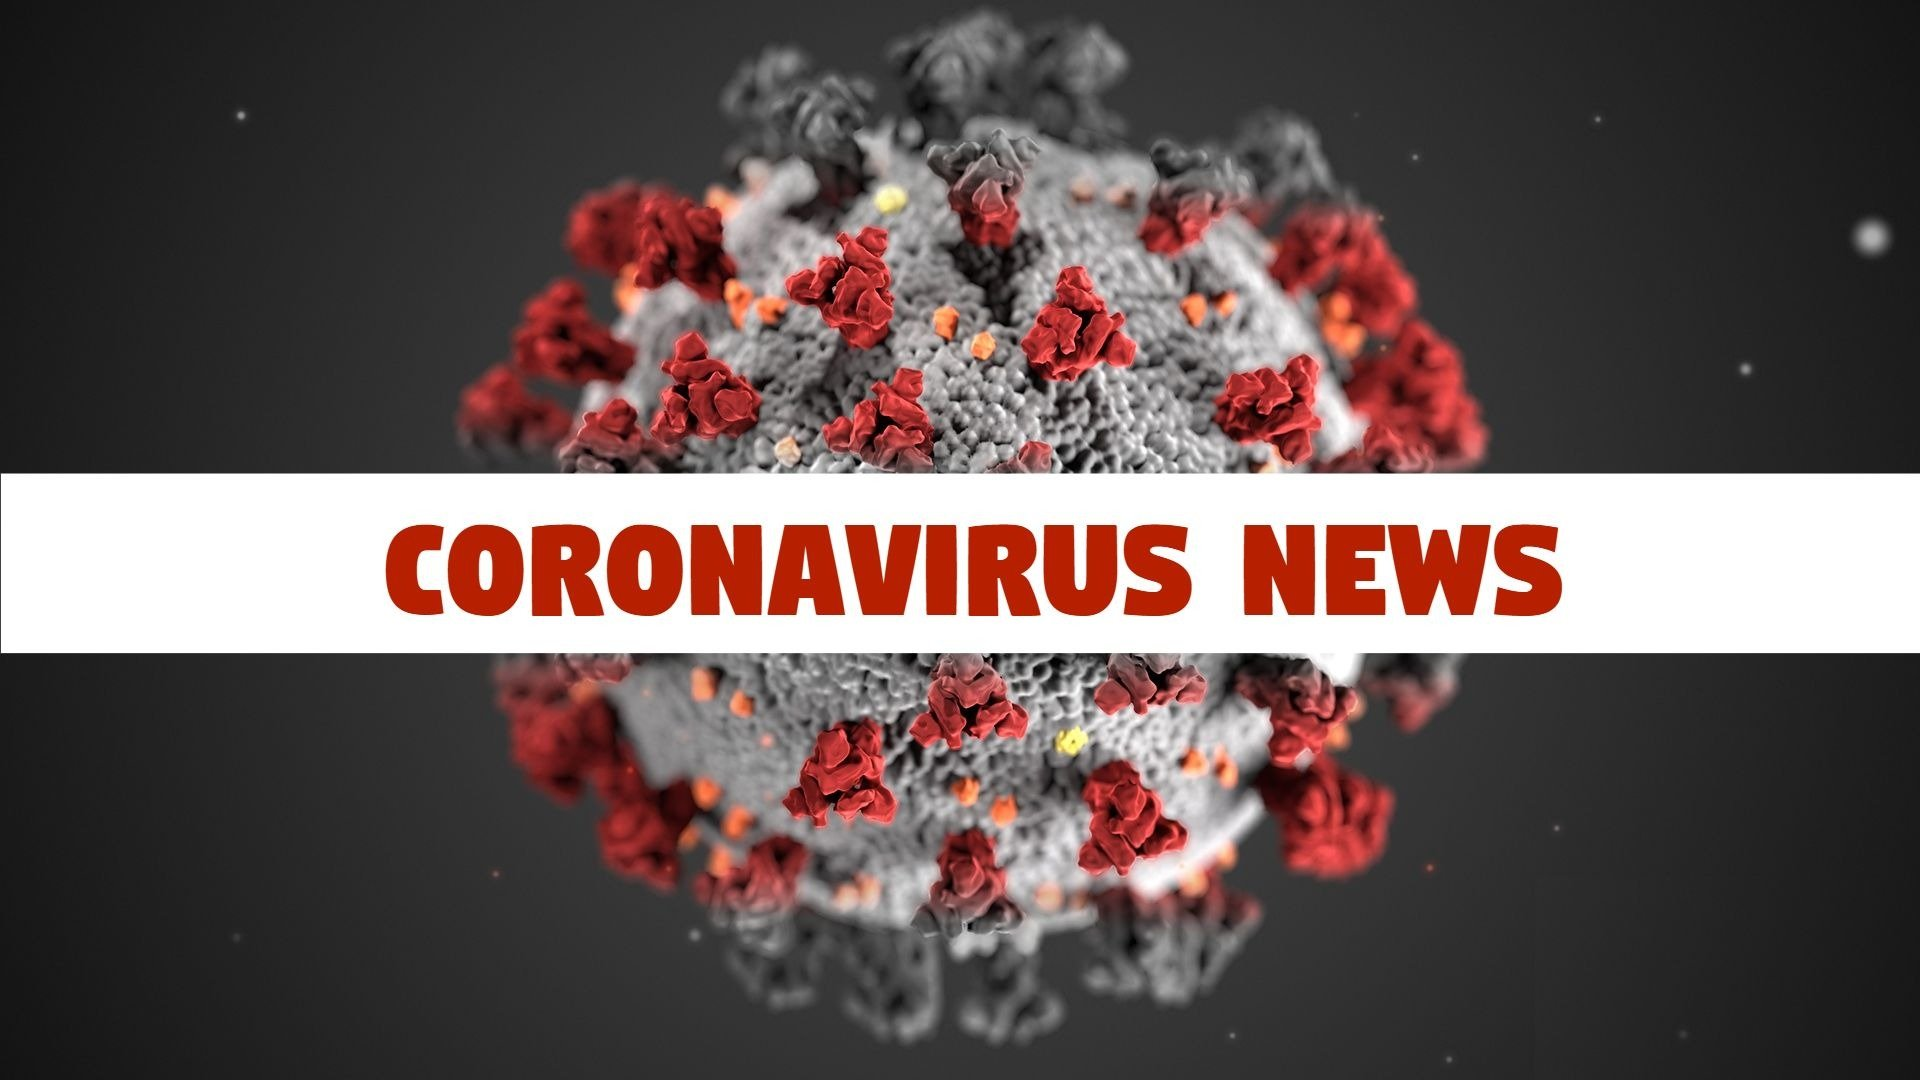 Данные по коронавирусу в Австрии на 1 апреля 2020